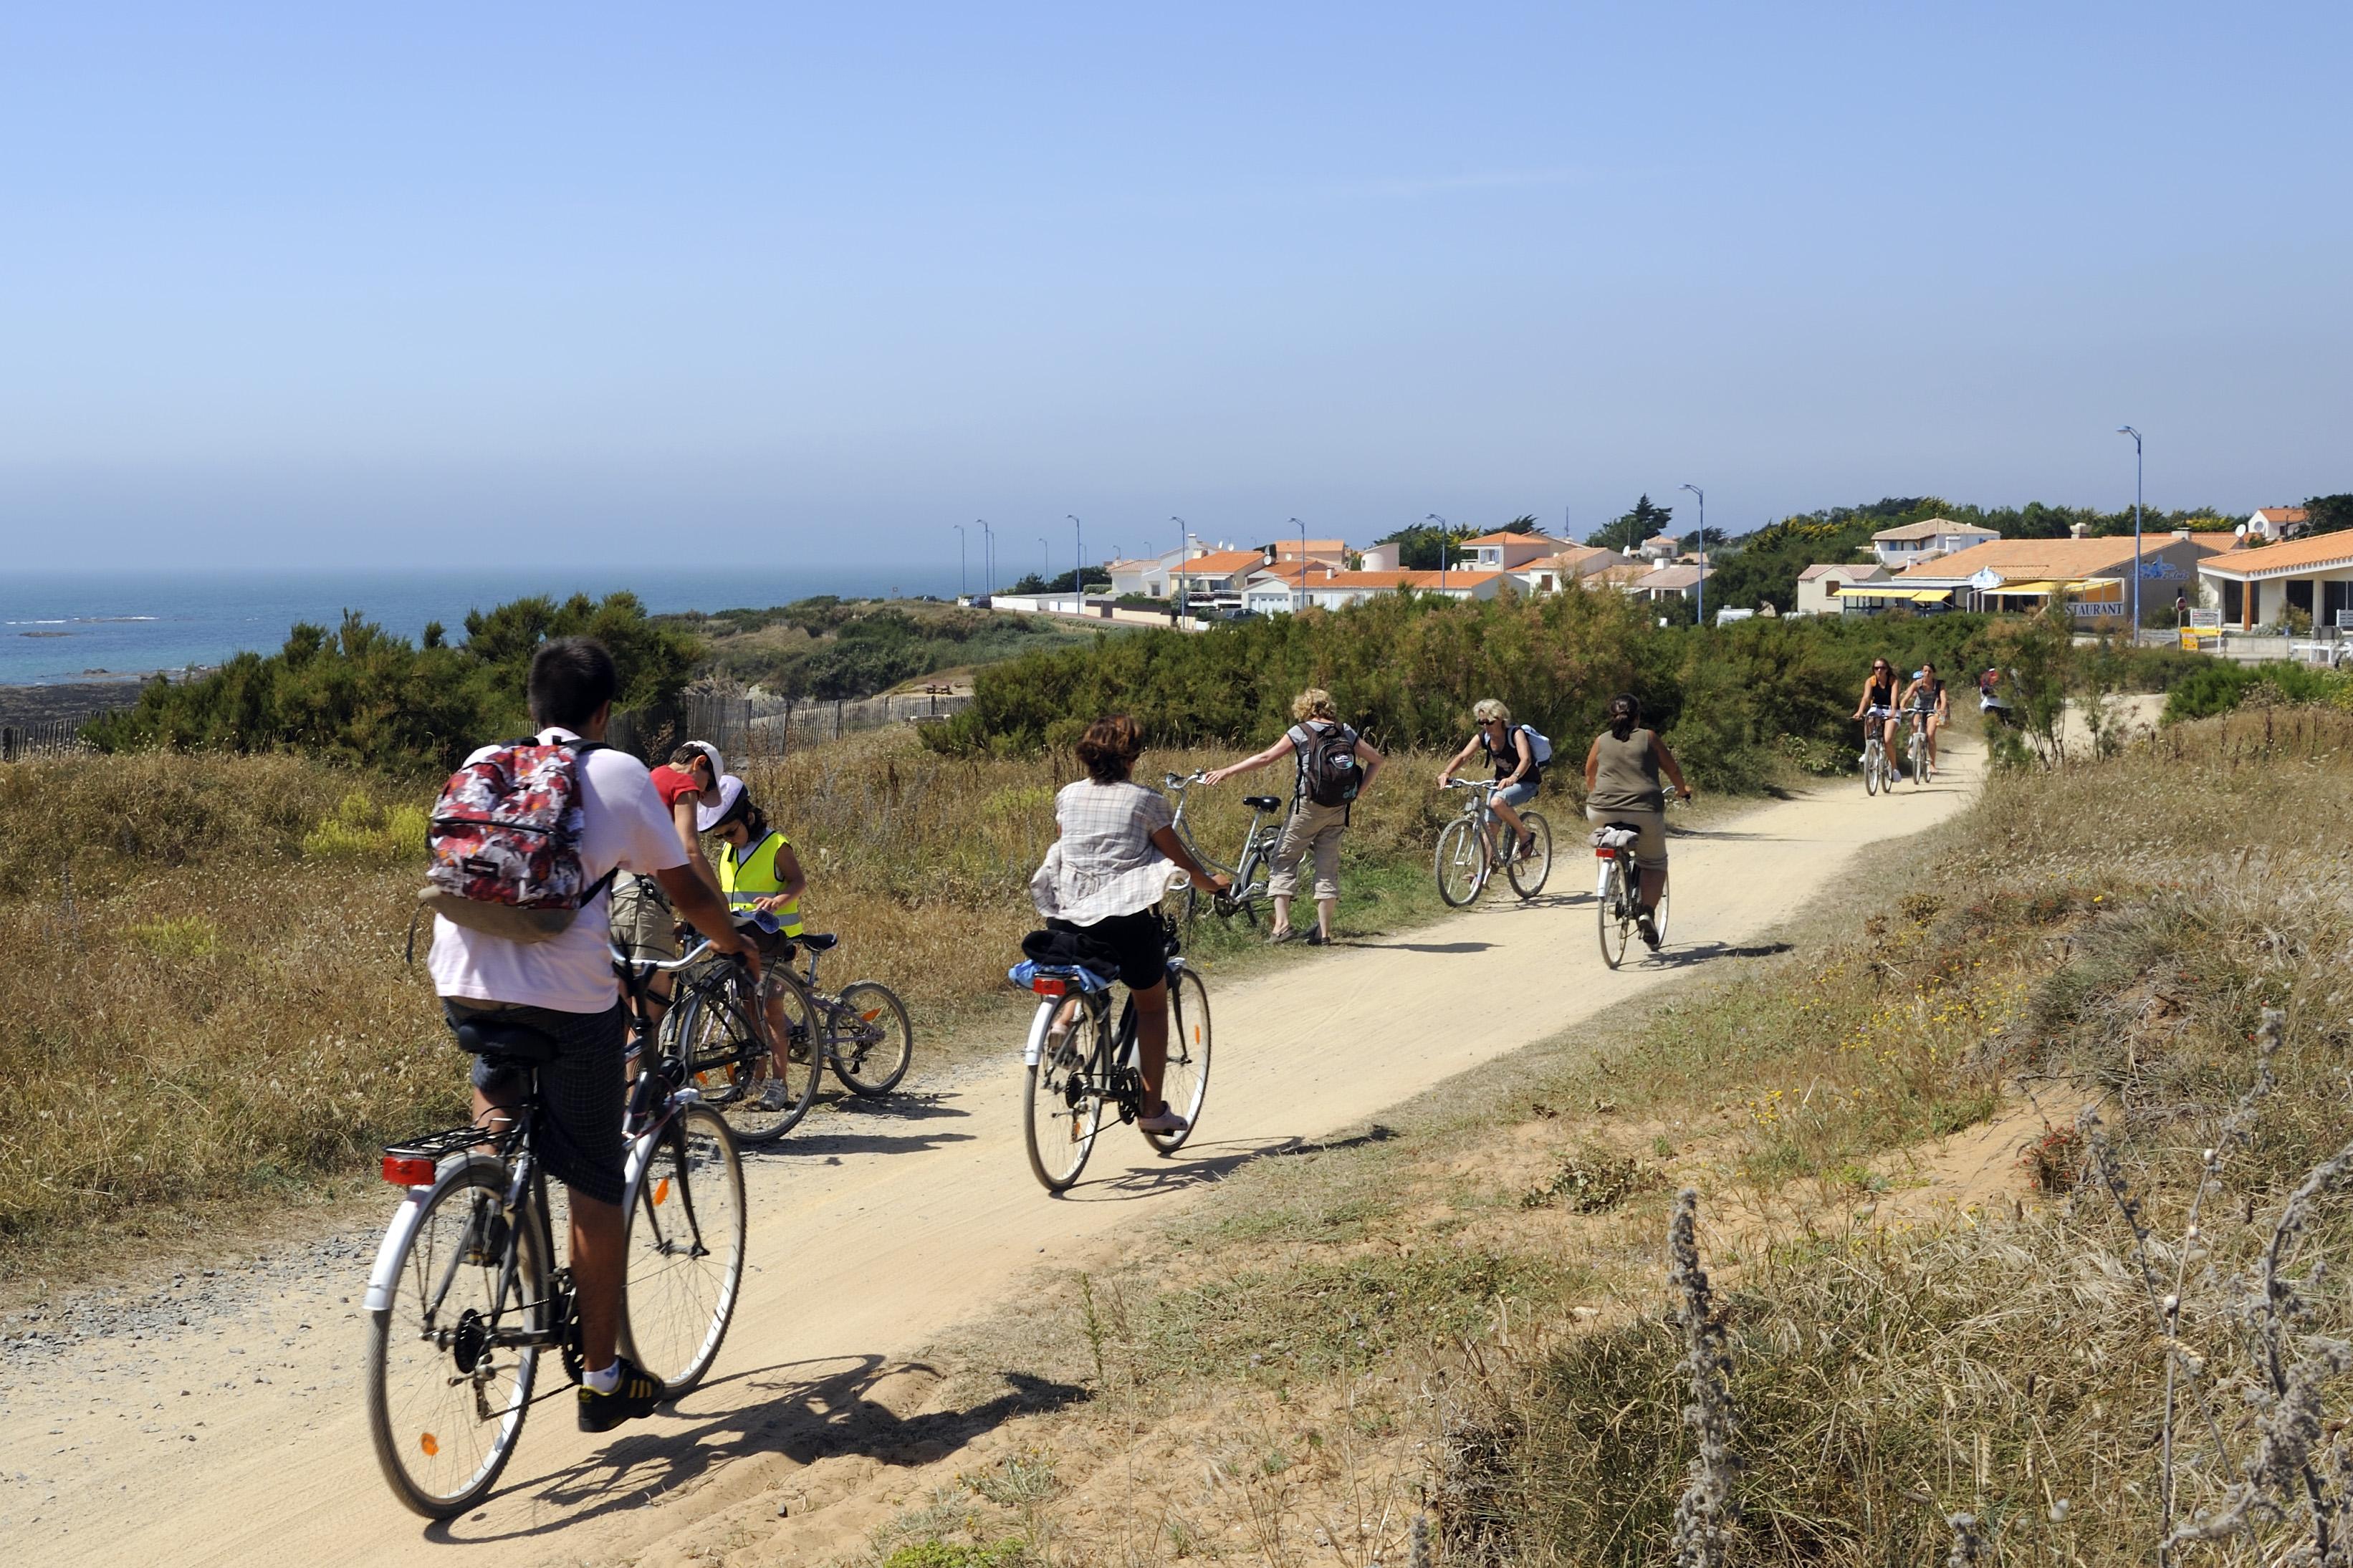 Profitez des pistes cyclables en accès direct du Camping L'EDEN à Brétignolles sur Mer en toute sécurité